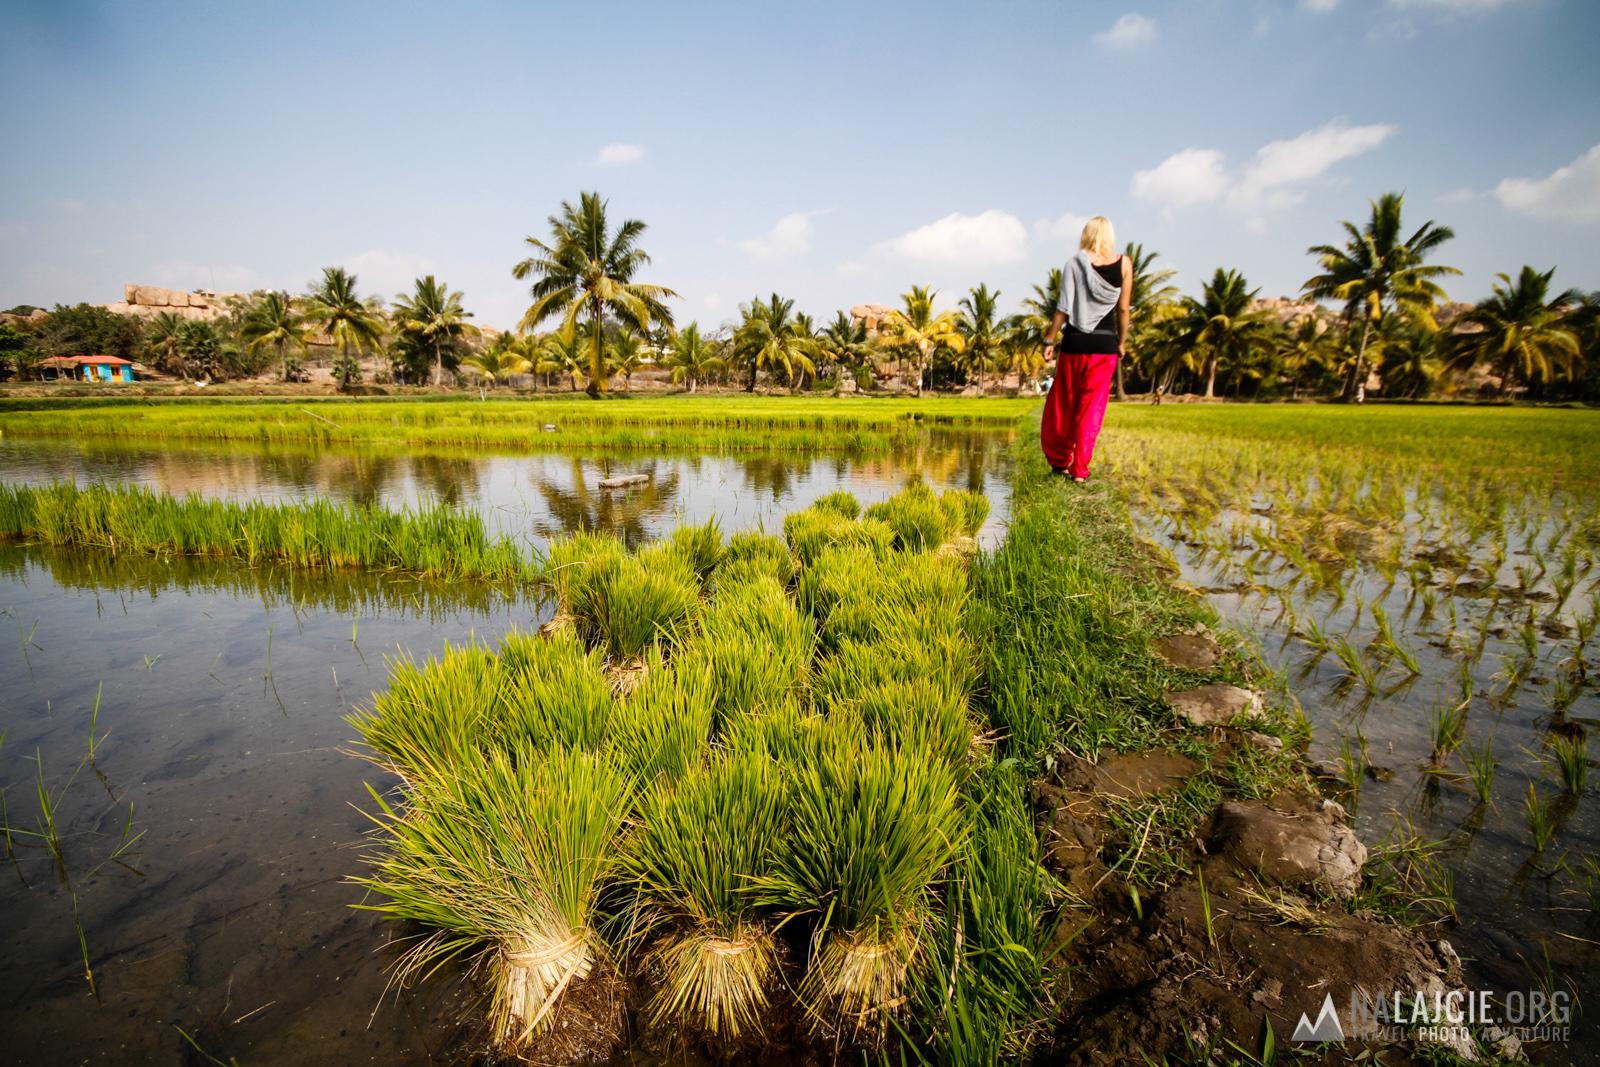 Obchodzimy pola ryżowe.